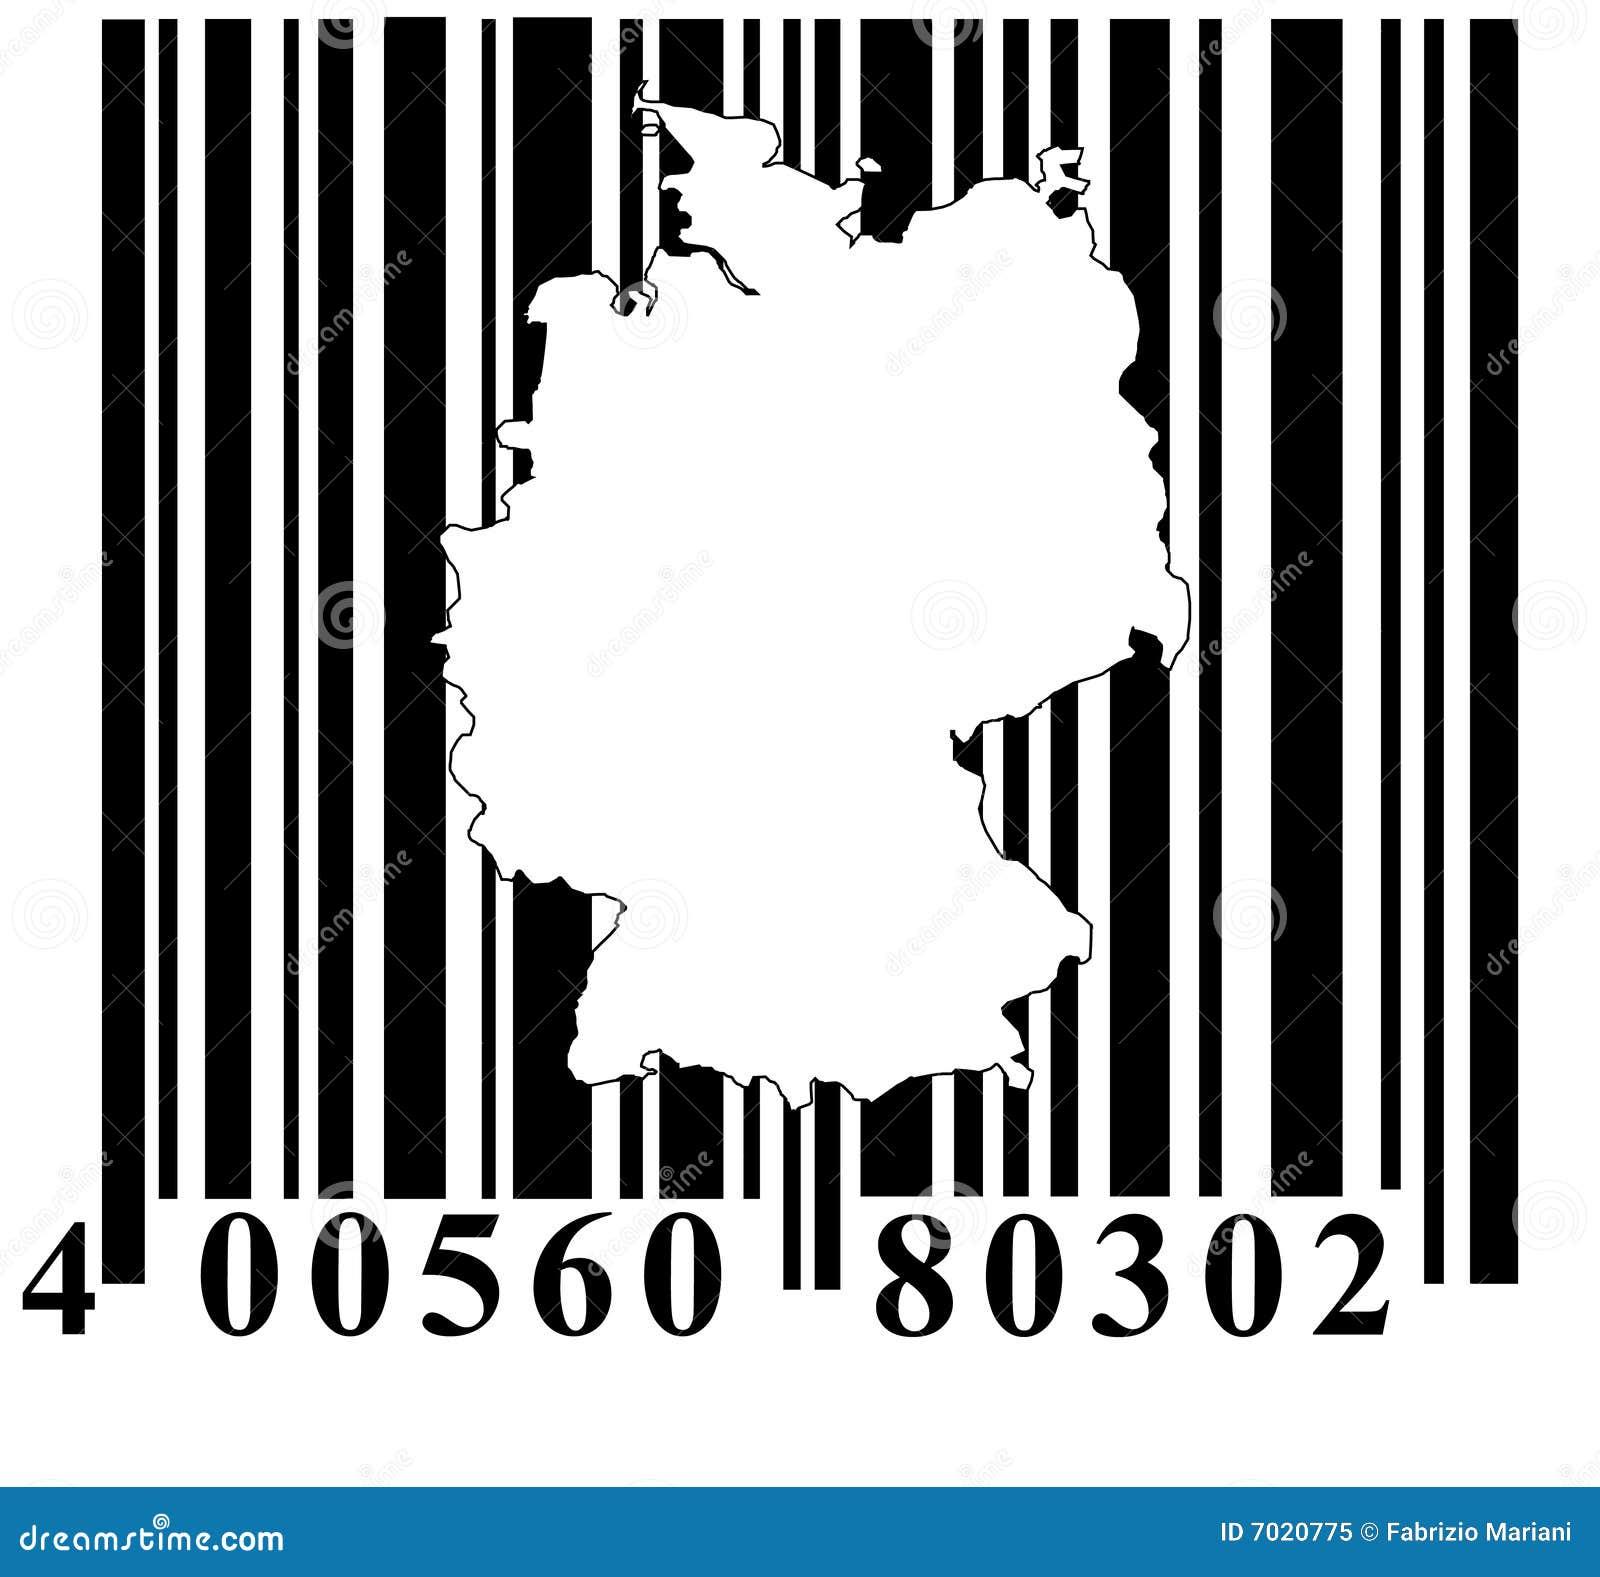 Código de barras com esboço de Alemanha